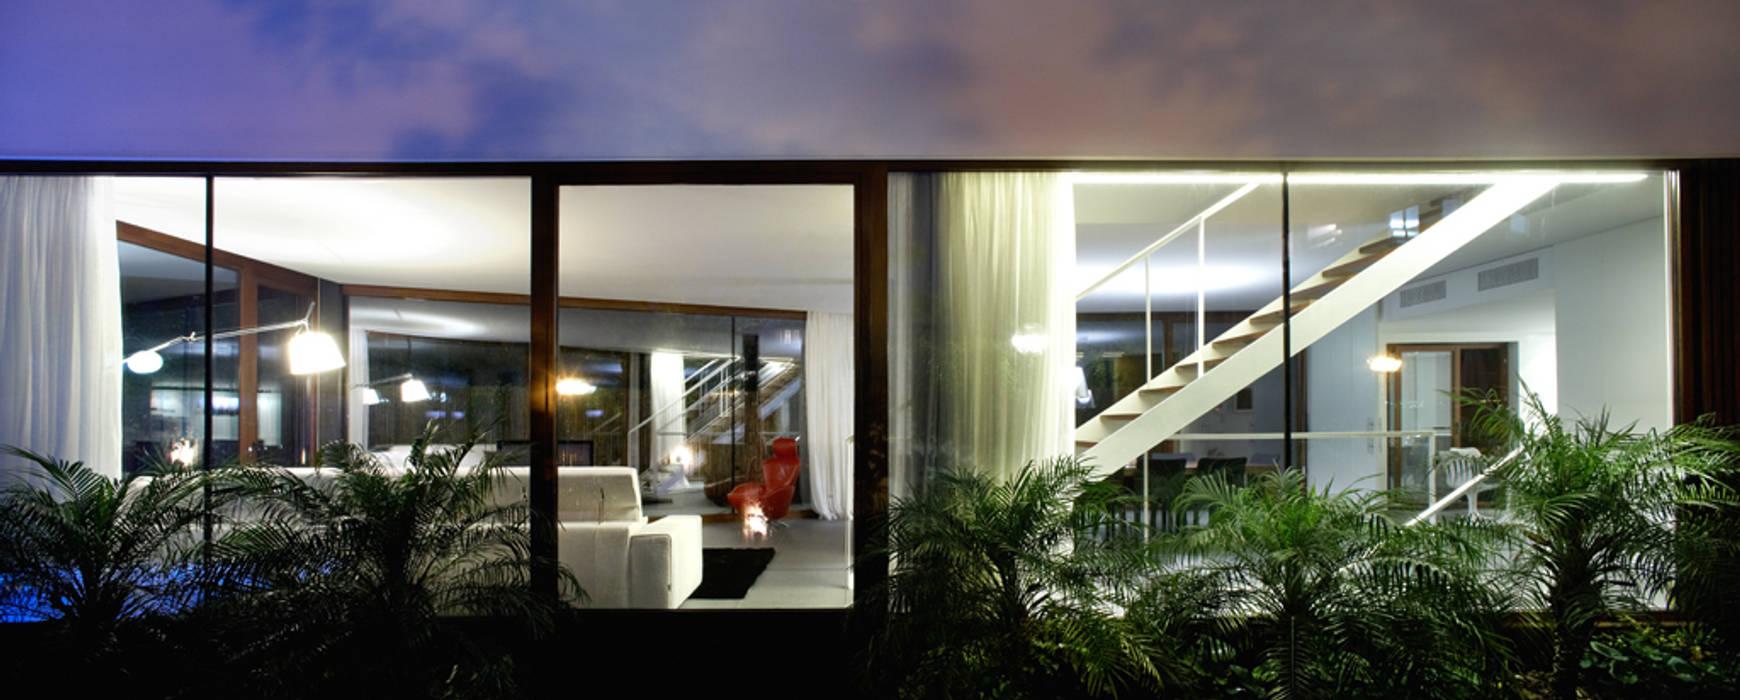 Construcción de vivienda unifamiliar en Vilassar de Mar, Maresme, Barcelona Casas de estilo minimalista de THK Construcciones Minimalista